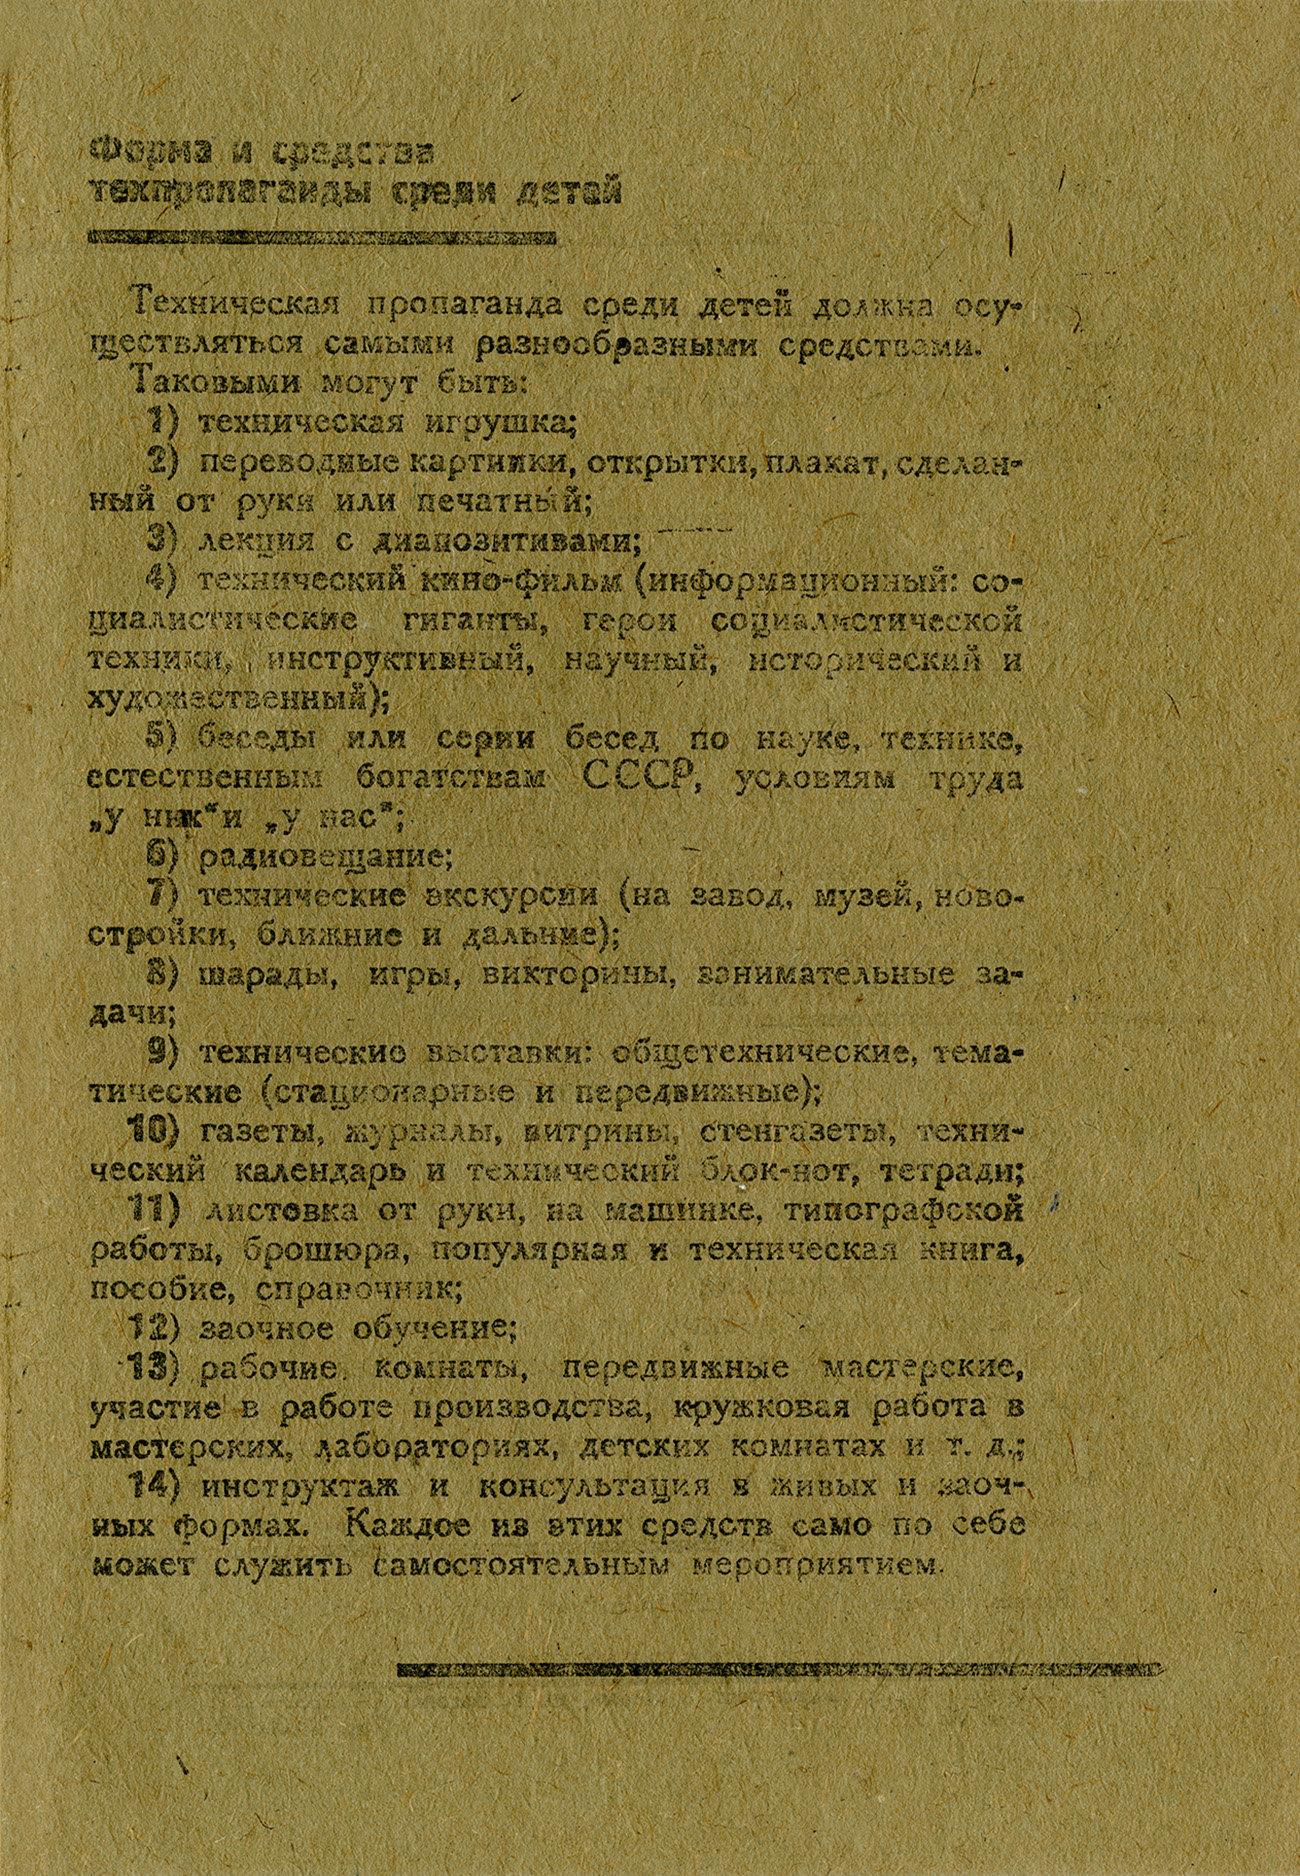 Тетрадь1933, стр. 3